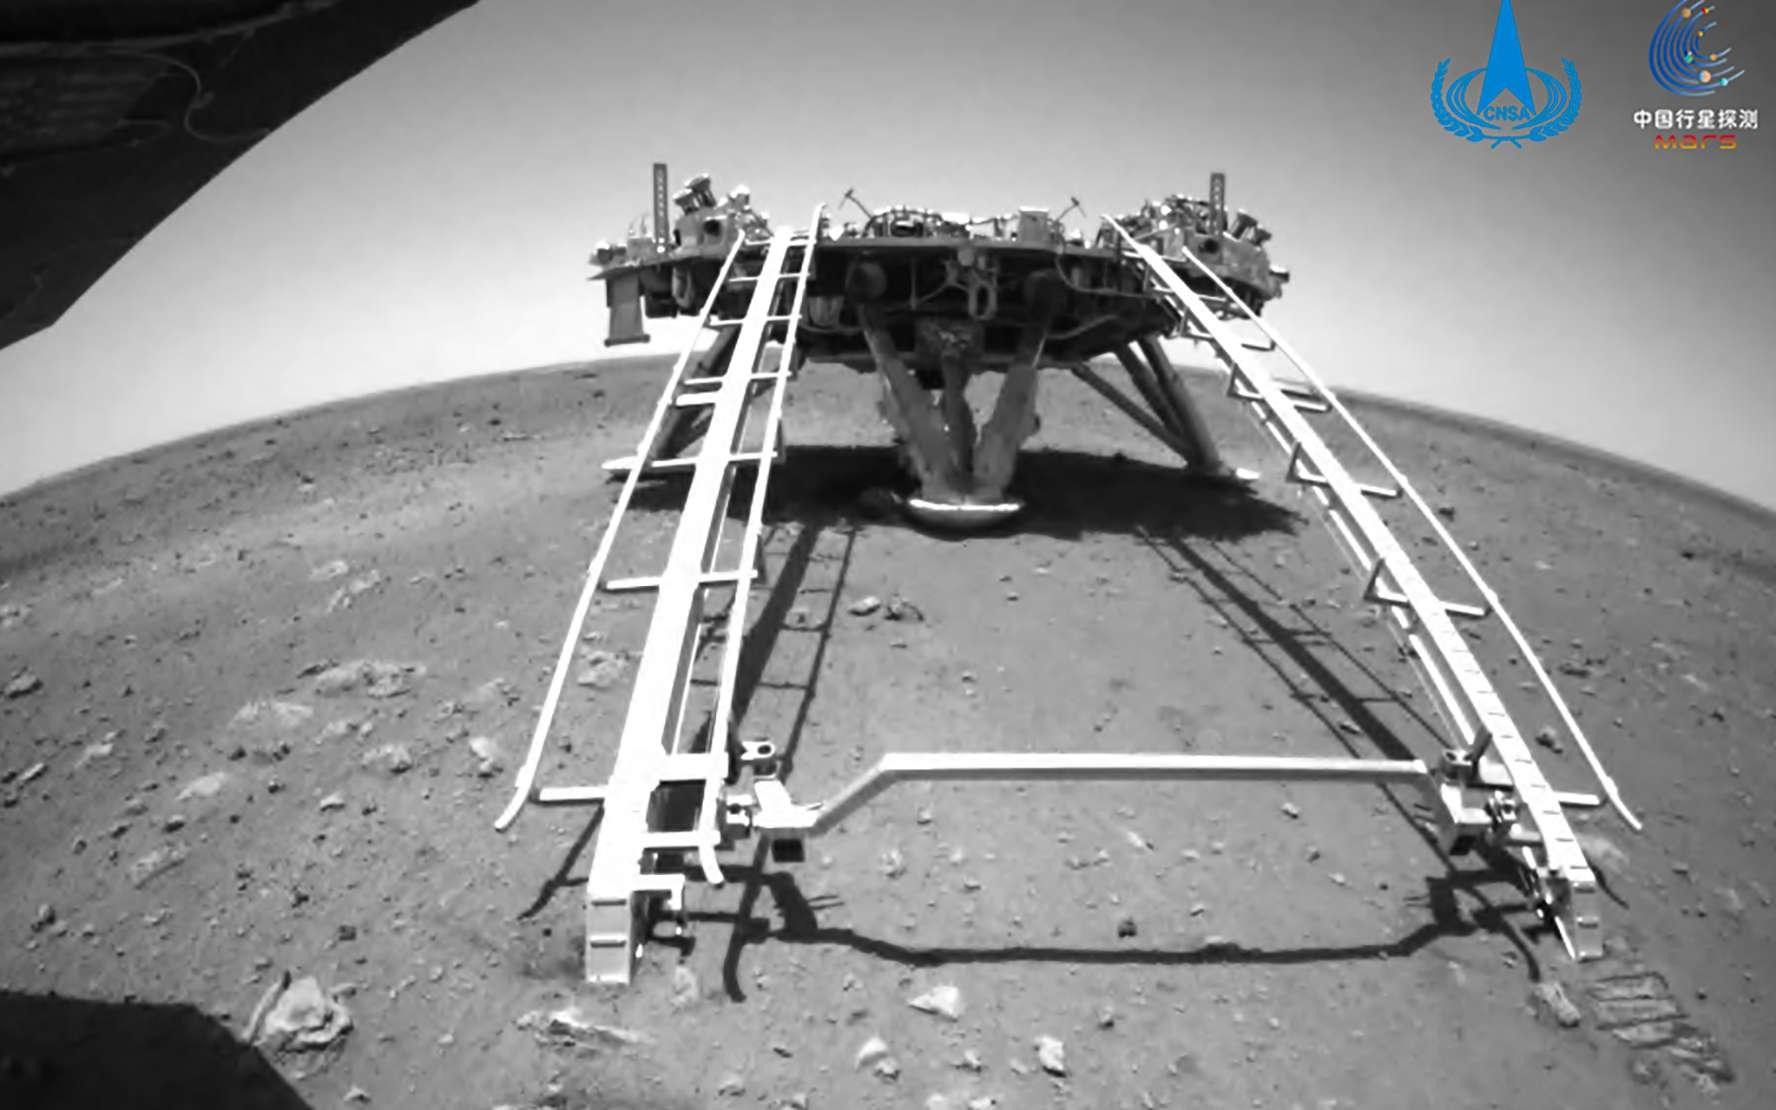 Le rover Zhurong est descendu de l'atterrisseur qui l'a amené sur Mars. © CNSA